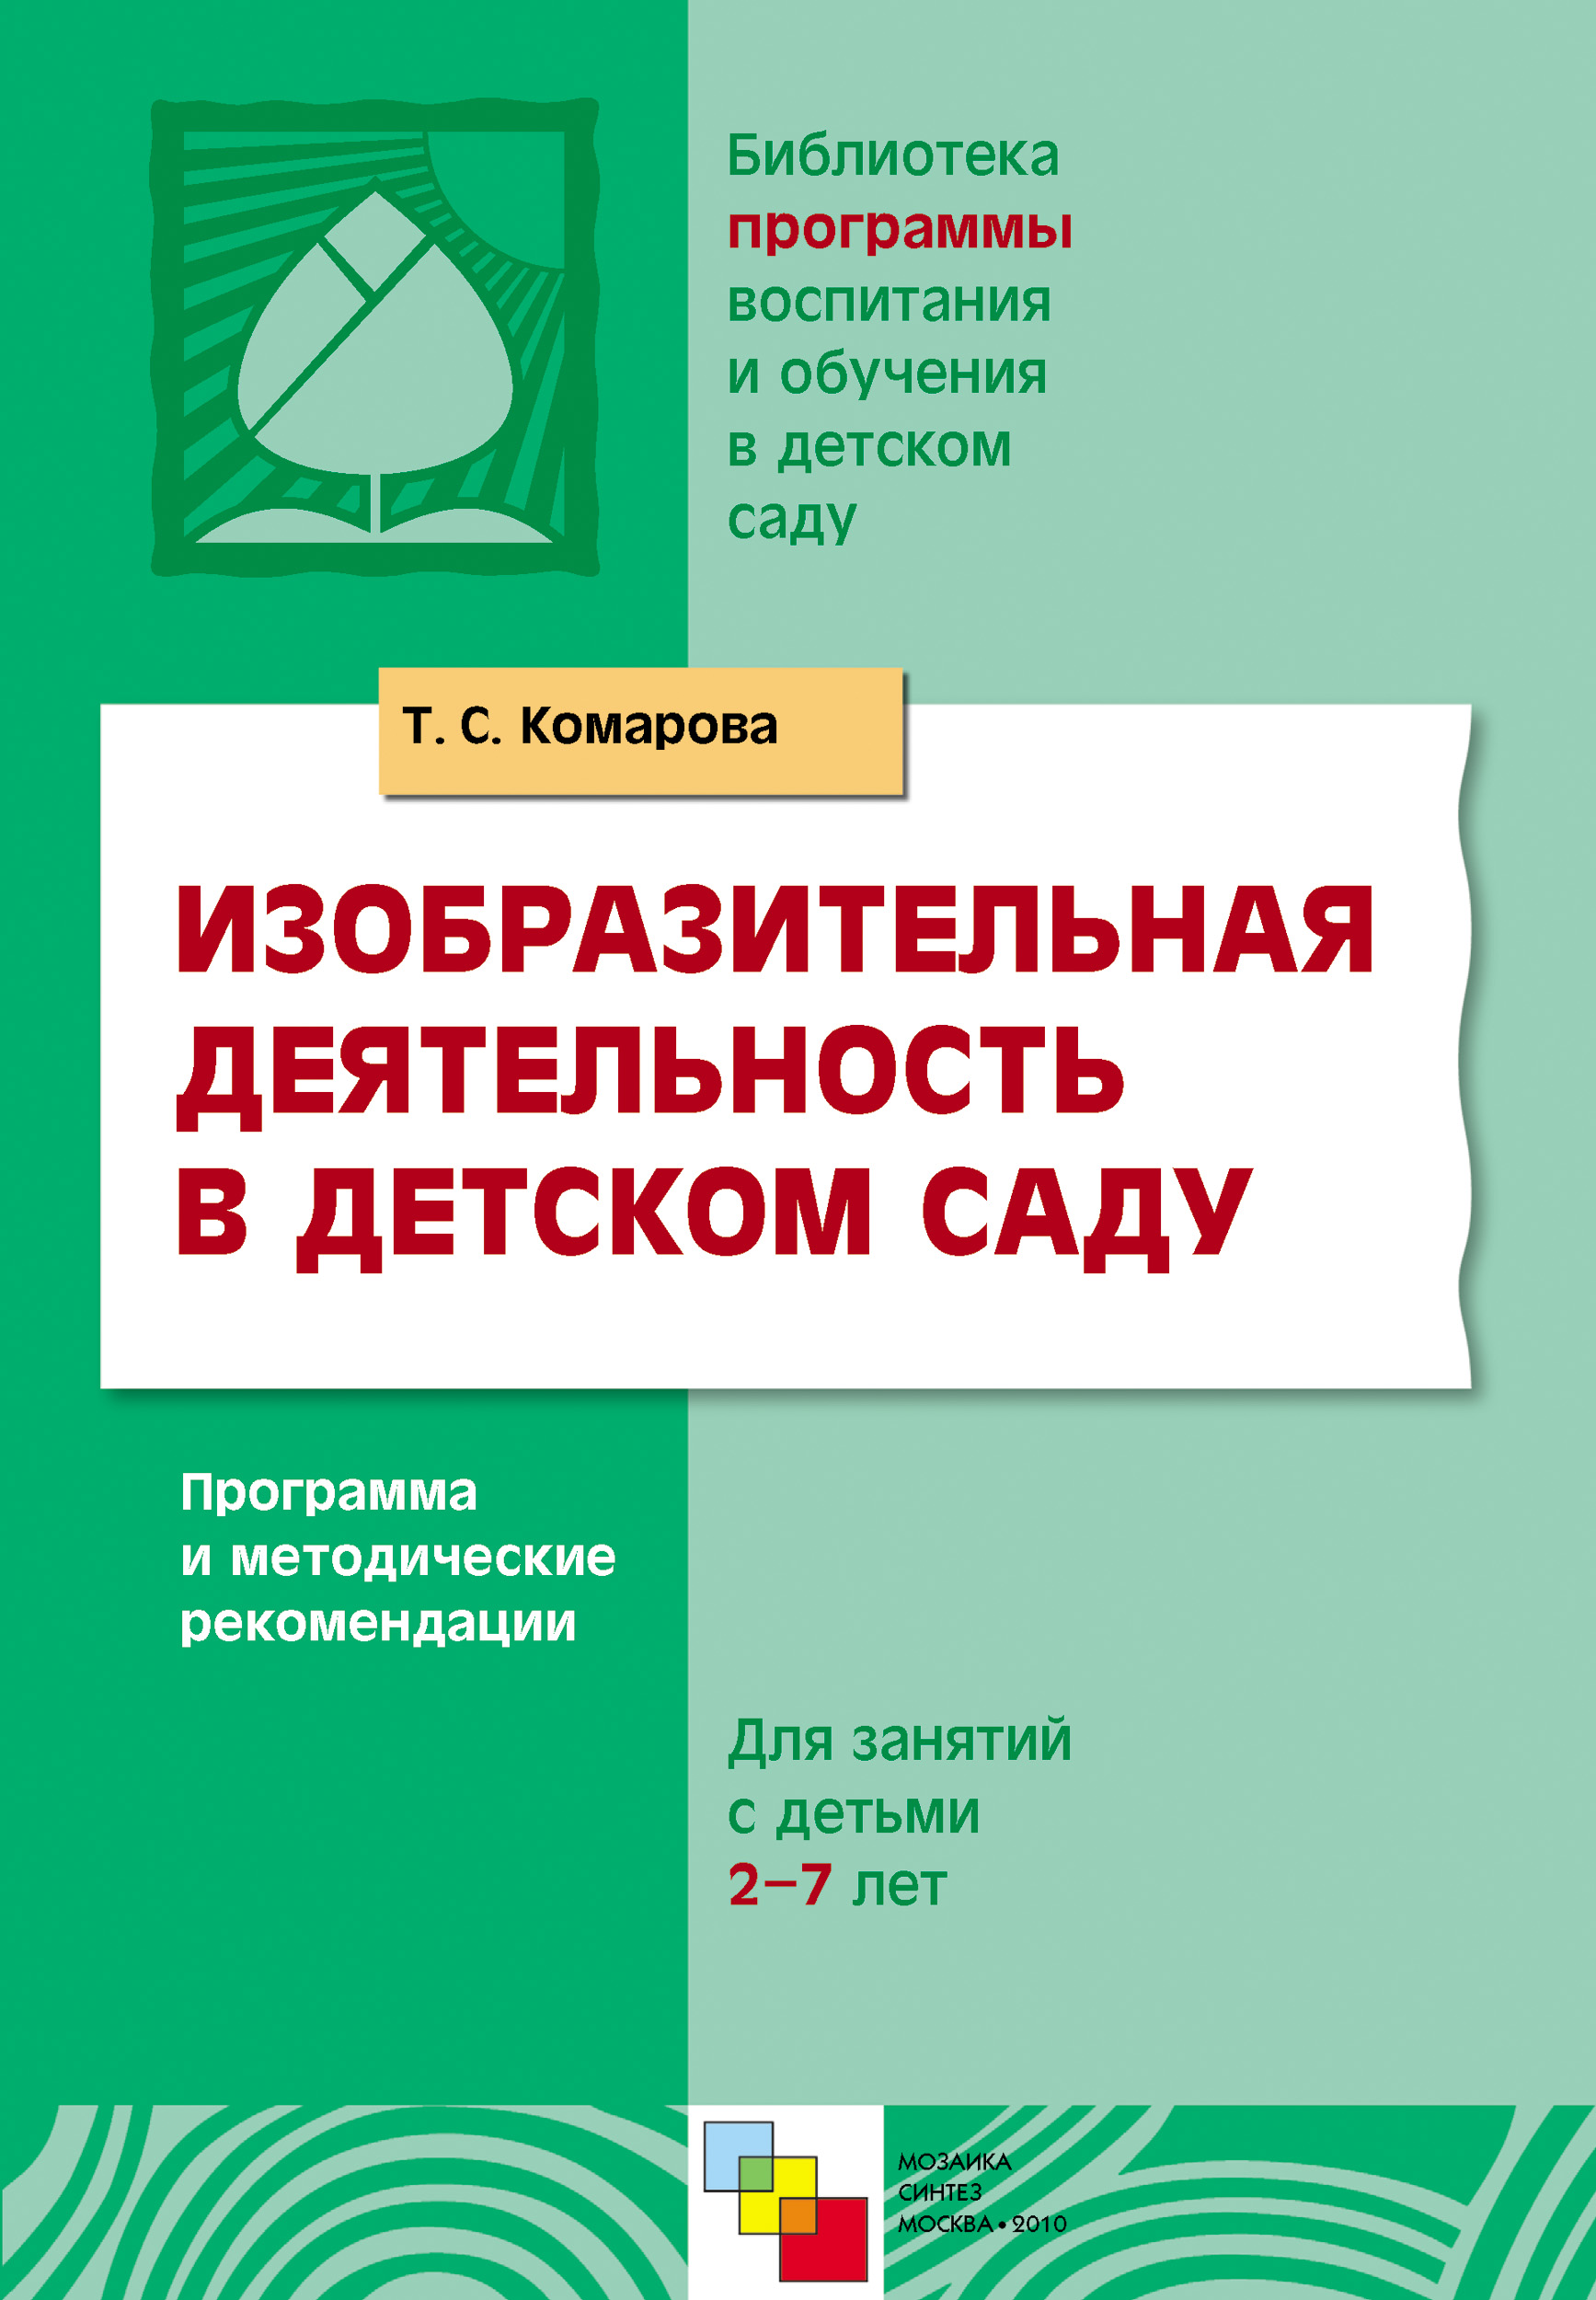 Т. С. Комарова Изобразительная деятельность в детском саду. Программа и методические рекомендации. Для занятий с детьми 2-7 лет